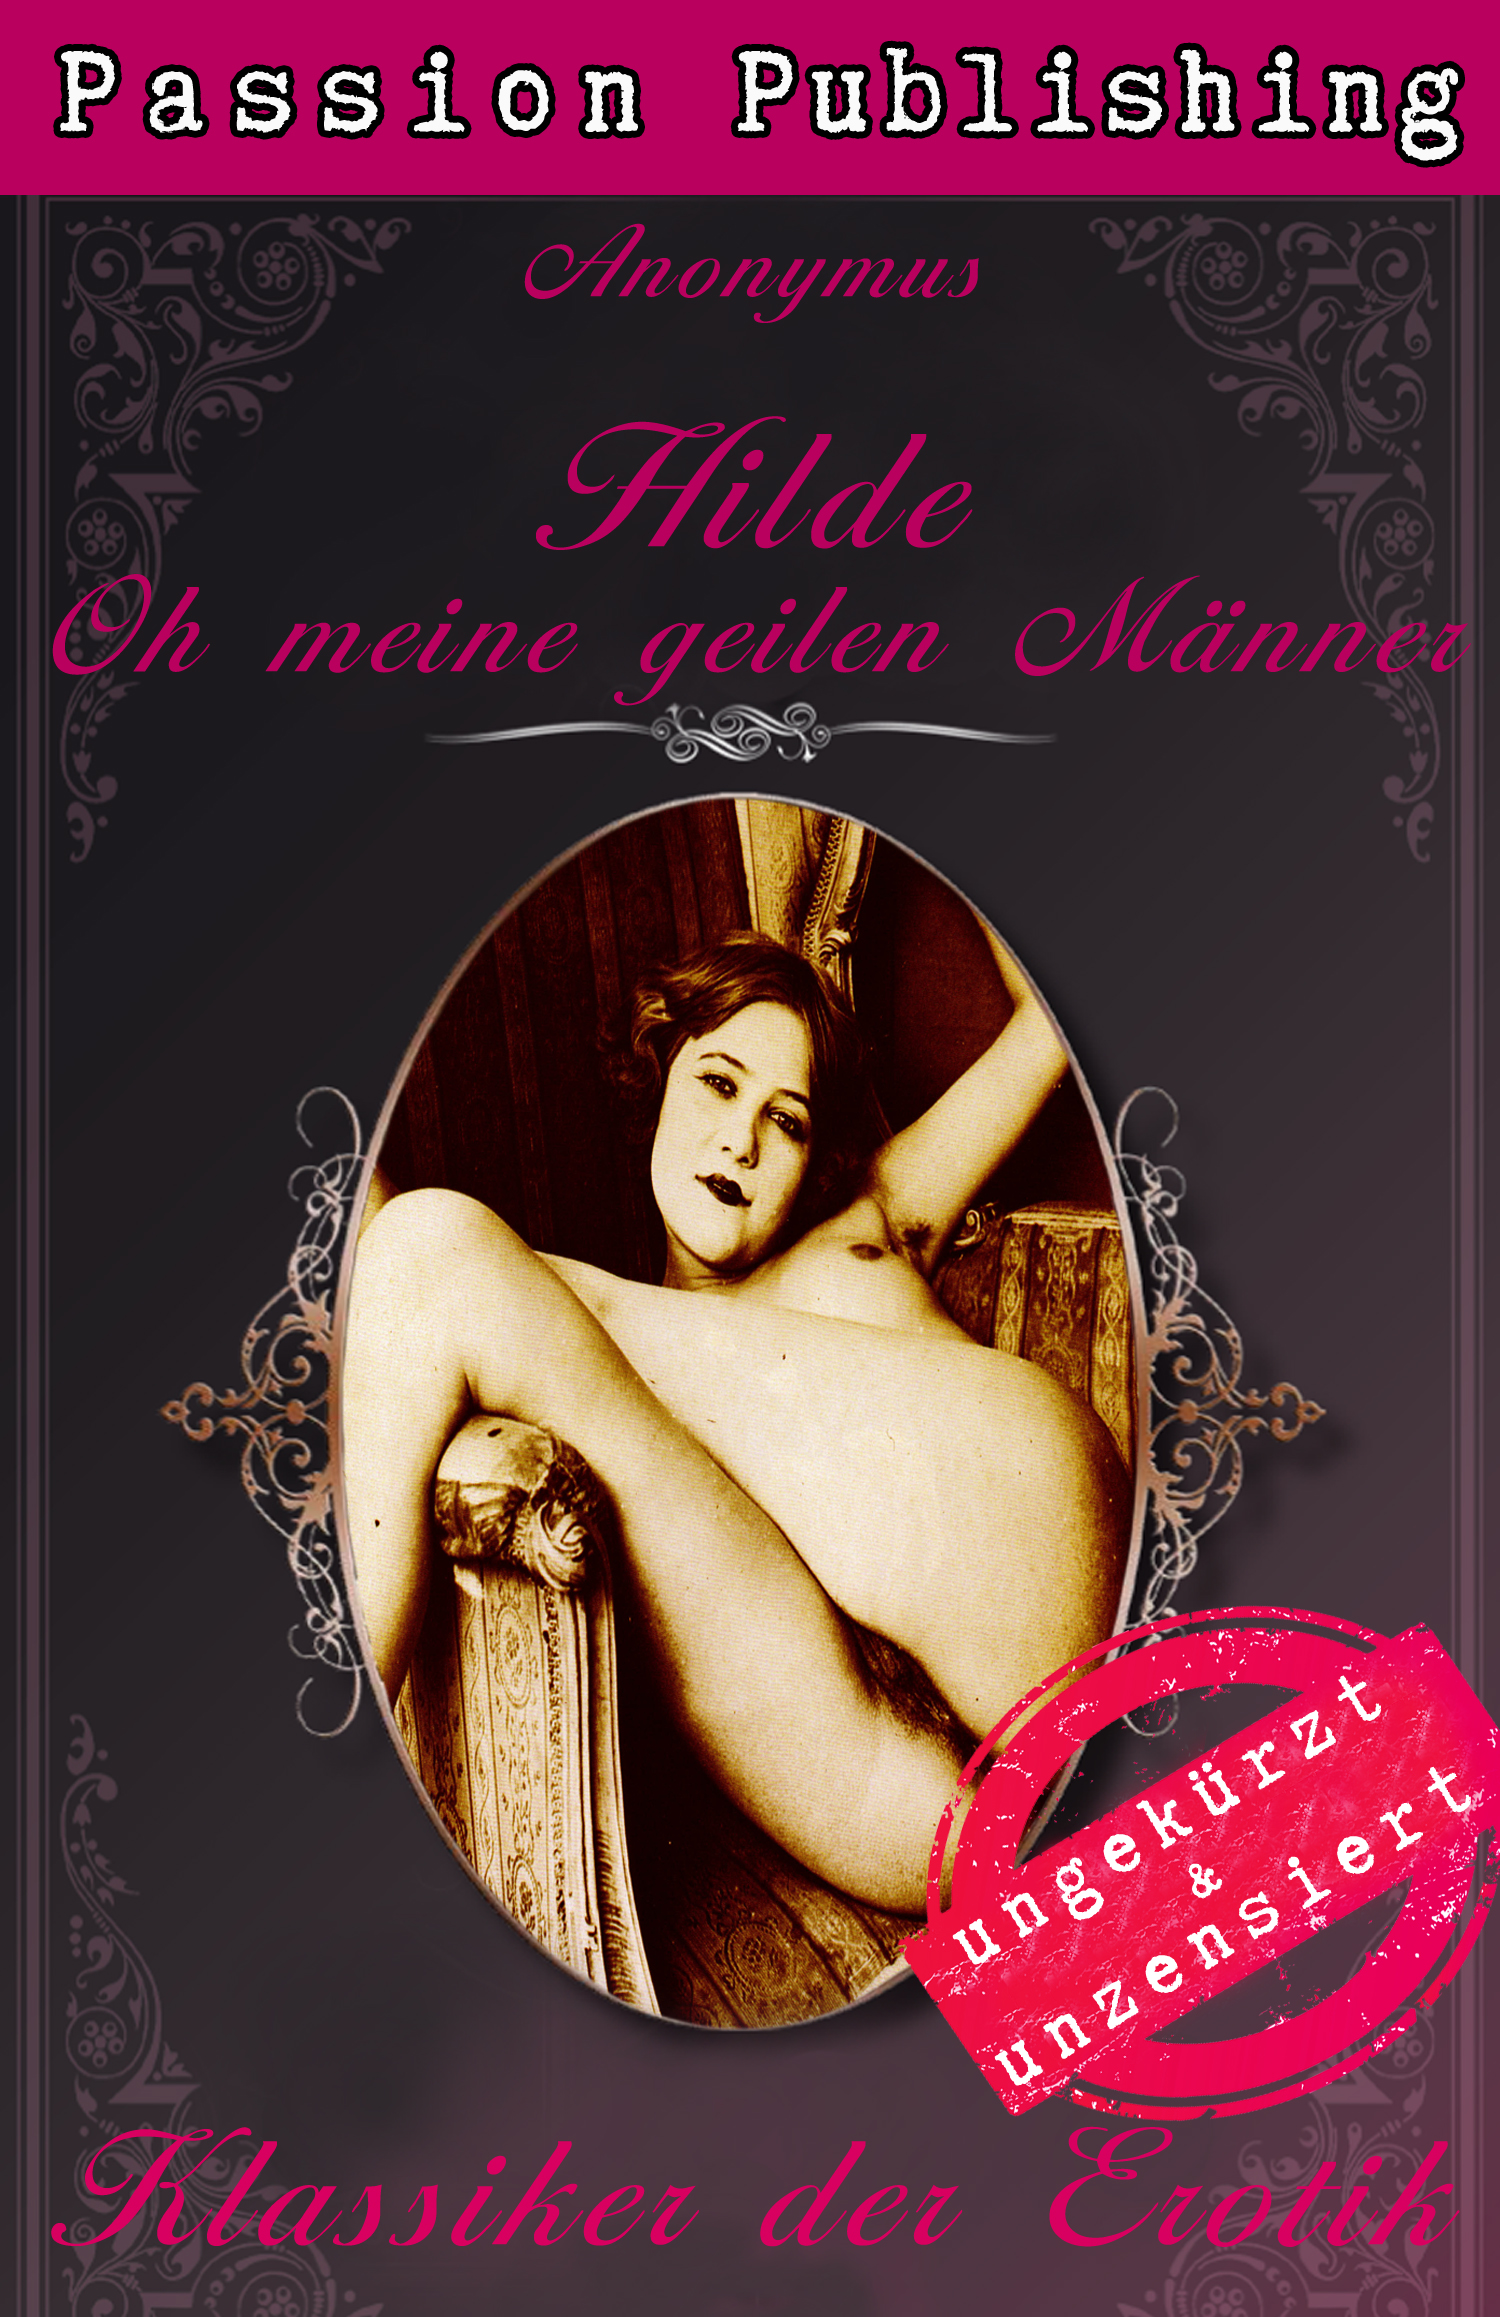 Anonymus Klassiker der Erotik 37: Hilde - Oh meine geilen Männer!